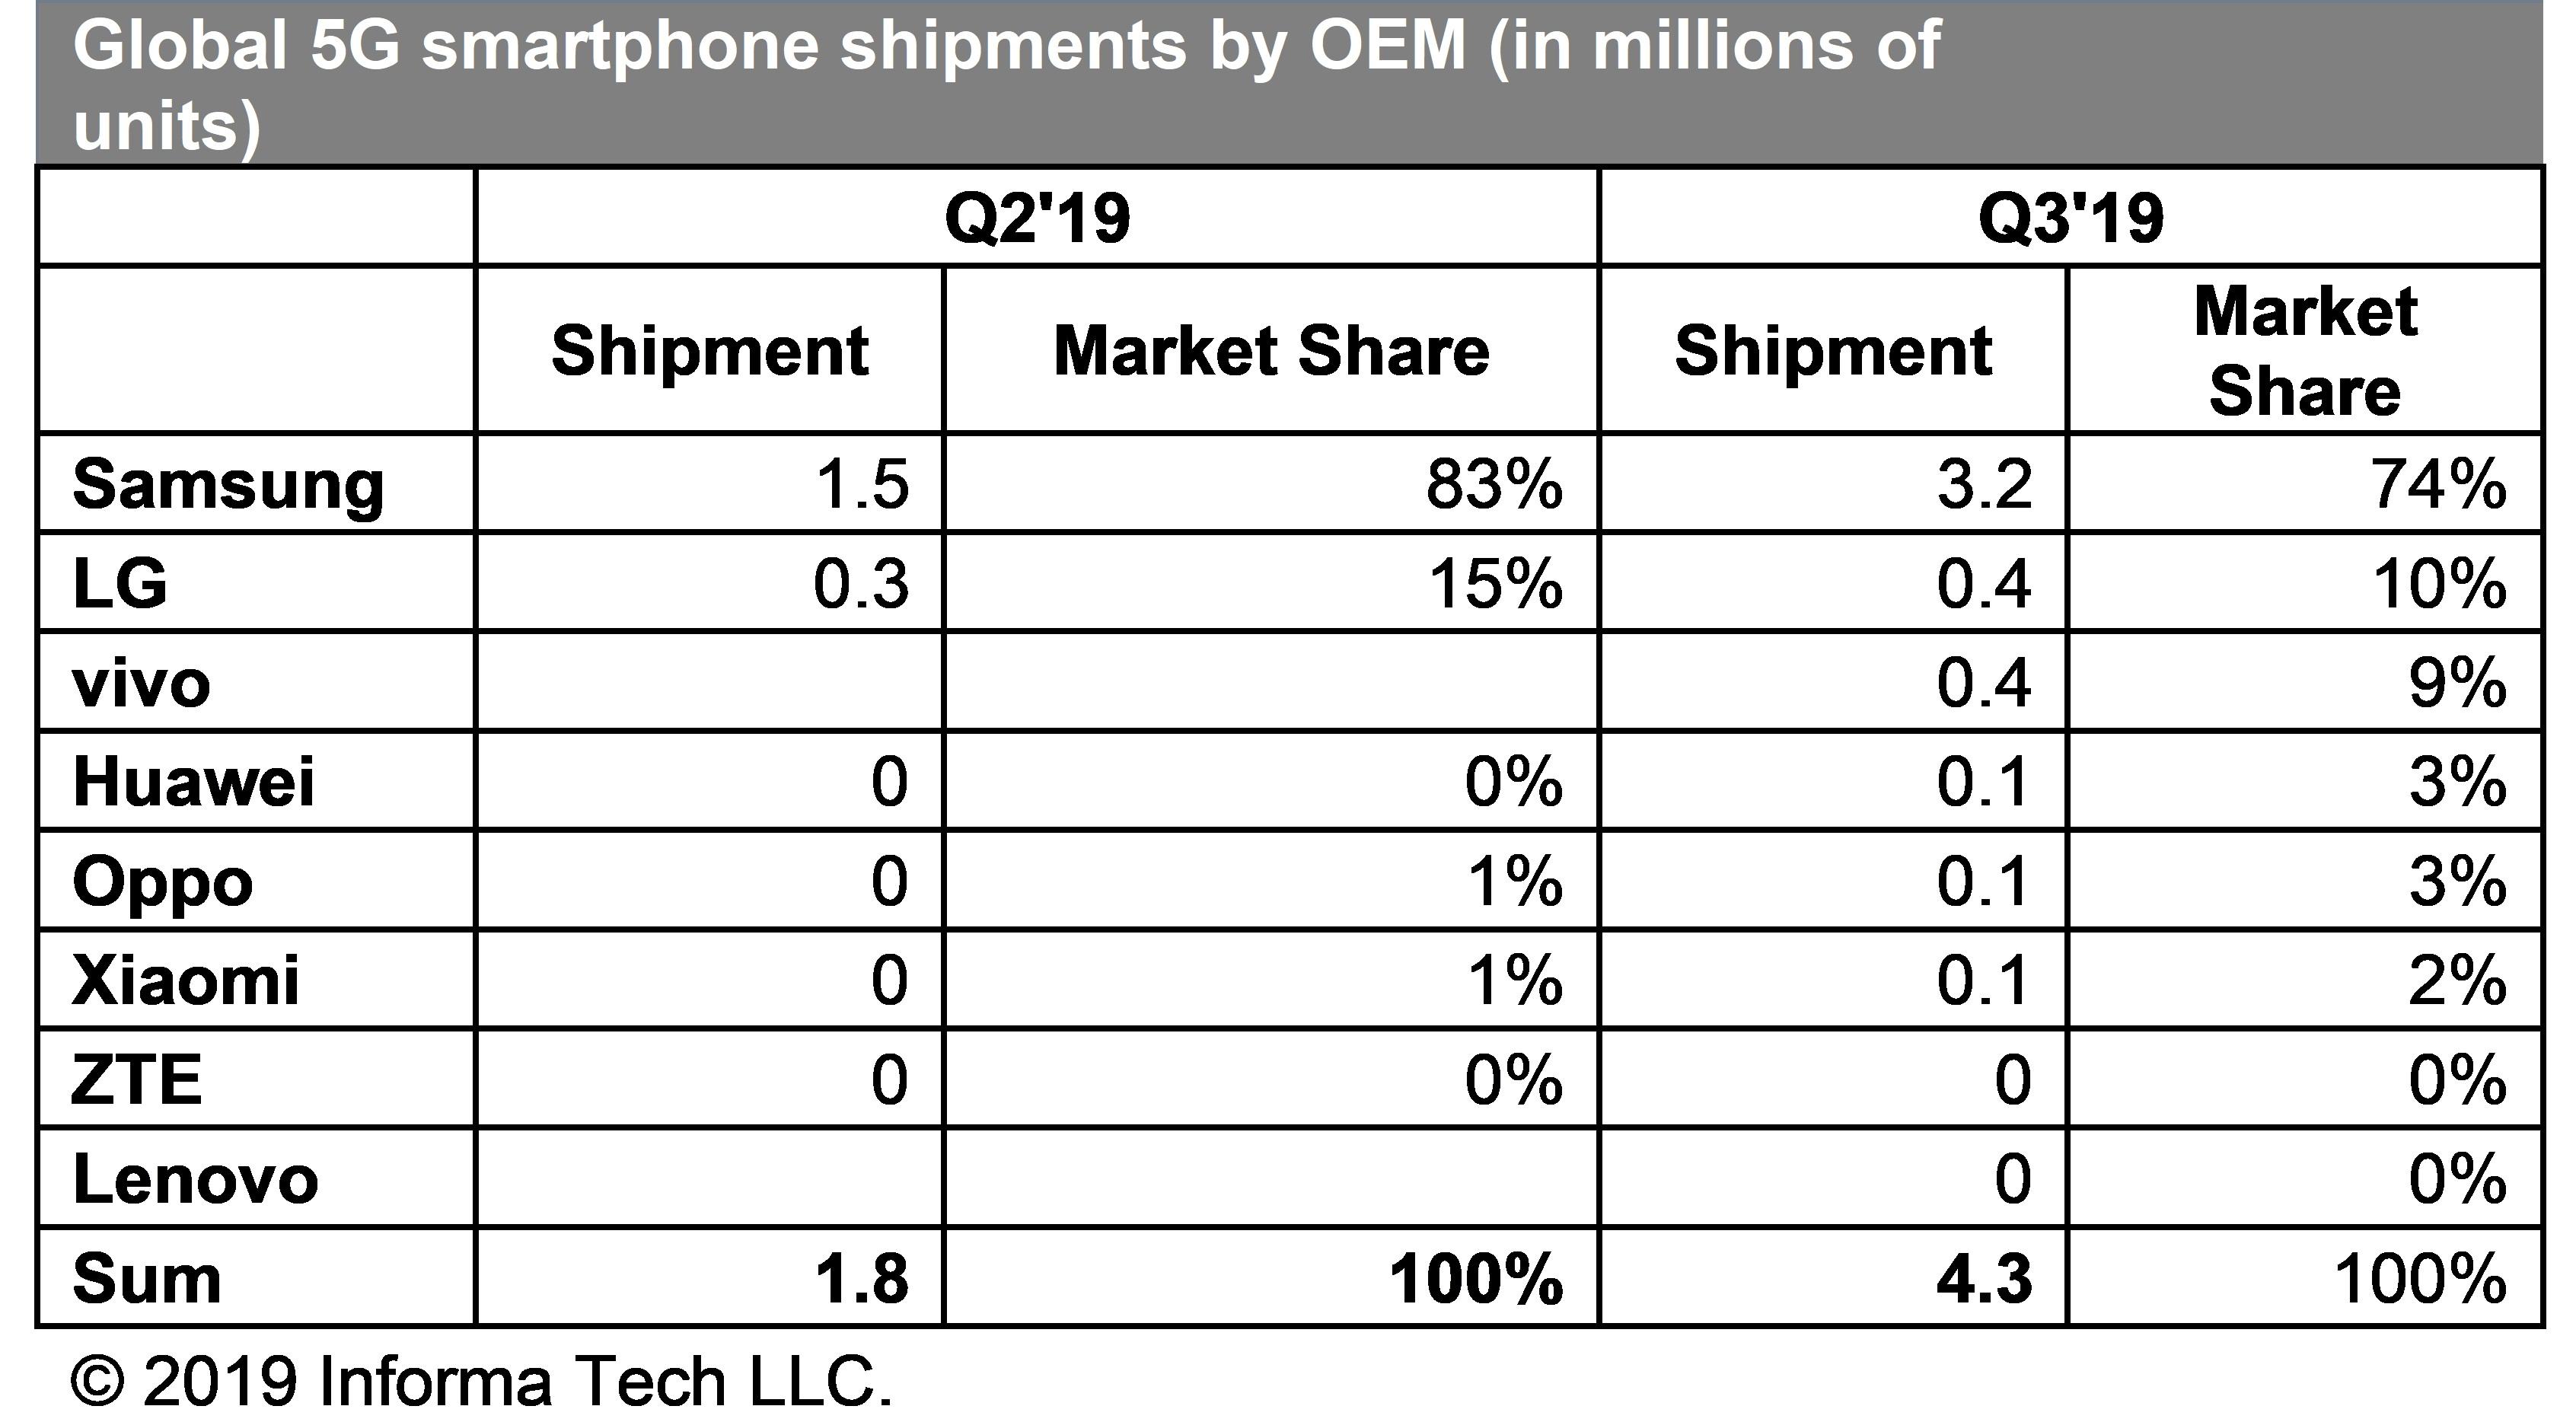 sprzedaż smartfonów z modemami 5G w drugim i trzecim kwartale 2019 roku